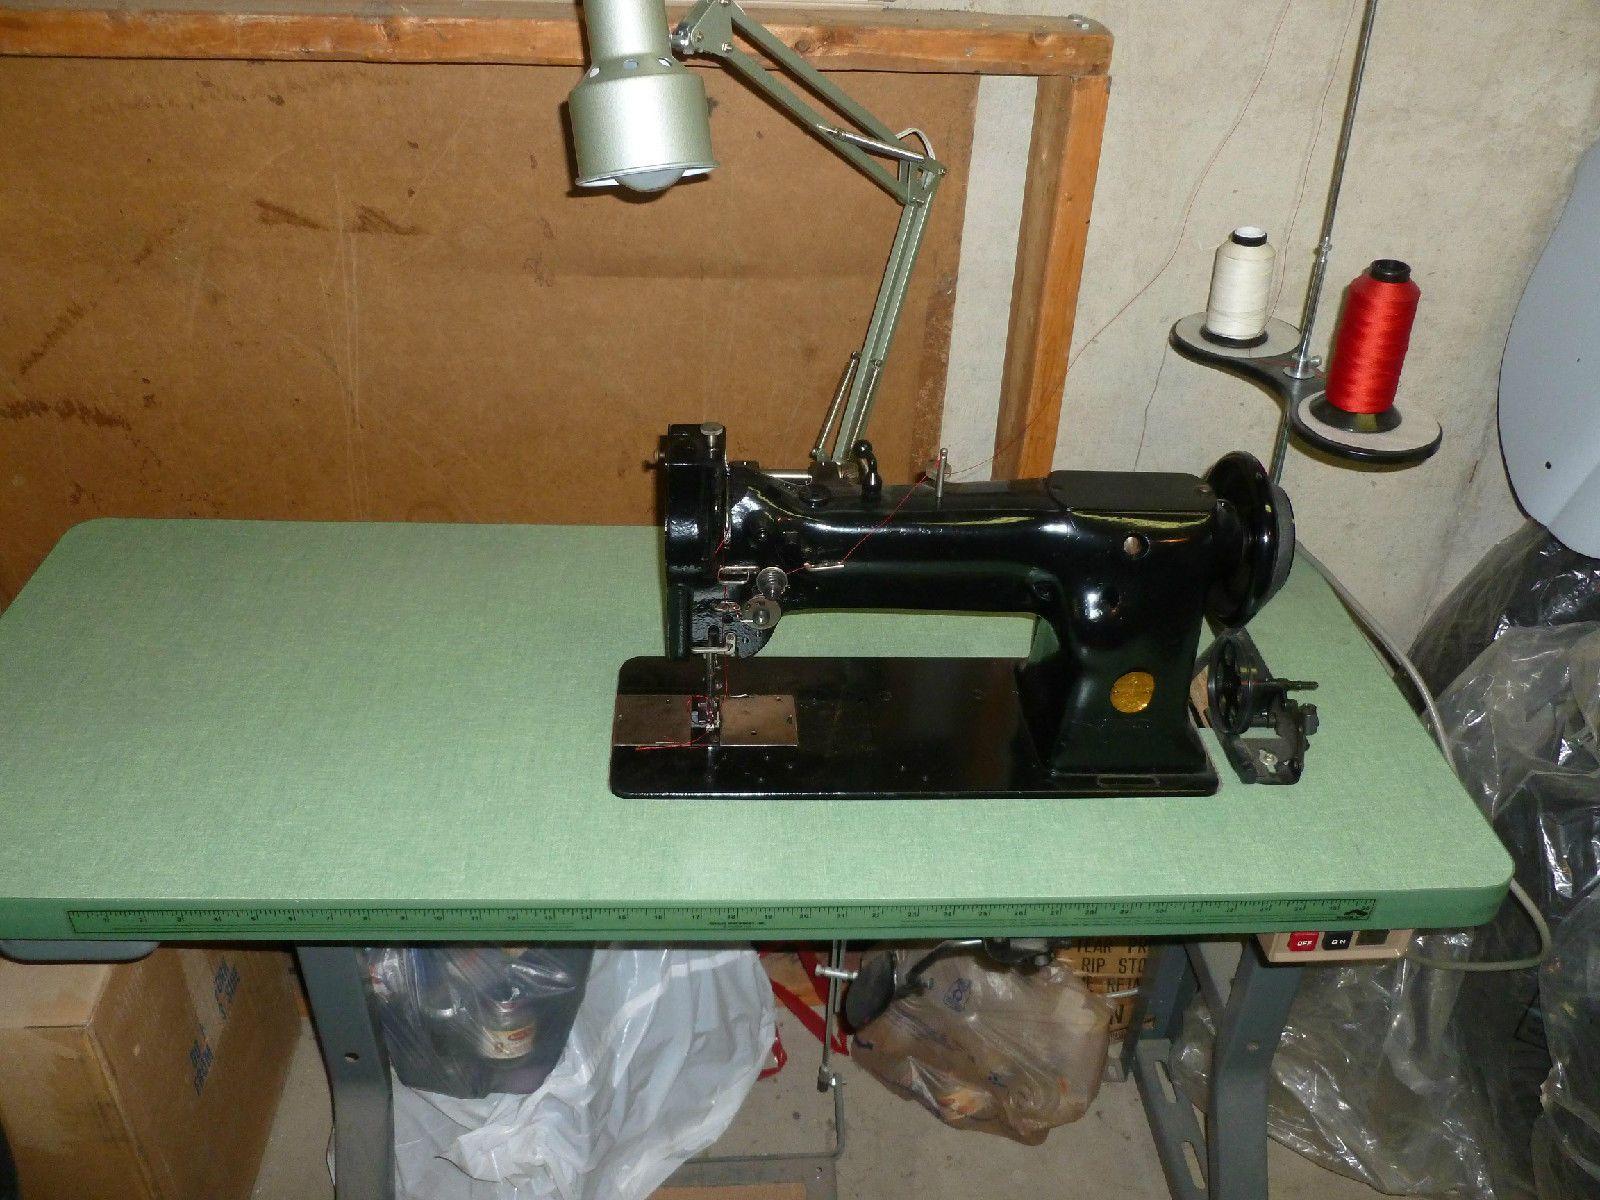 Singer Industrial Sewing Machine Model 111 155 Walking Foot Interior Ebay Industrial Sewing Machine Sewing Machine Sewing